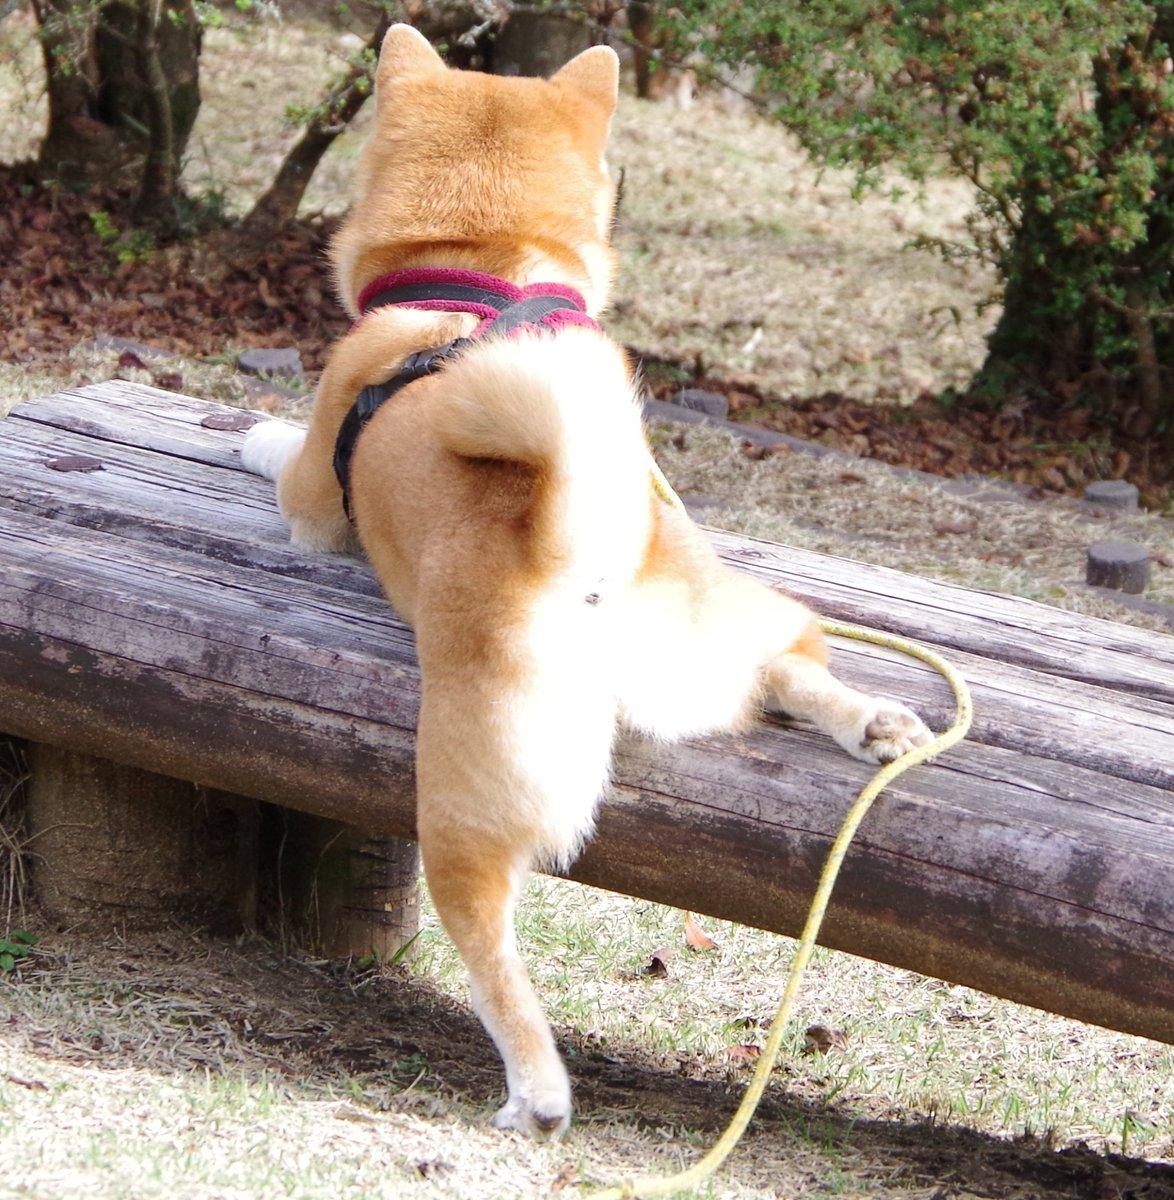 犬の失敗を笑っちゃダメですね。  乗り損ねて片足ズリ落ちたのを大笑いしたら 「初めからこうするつもりだった」的にそのままキープするプライドの高い柴犬。